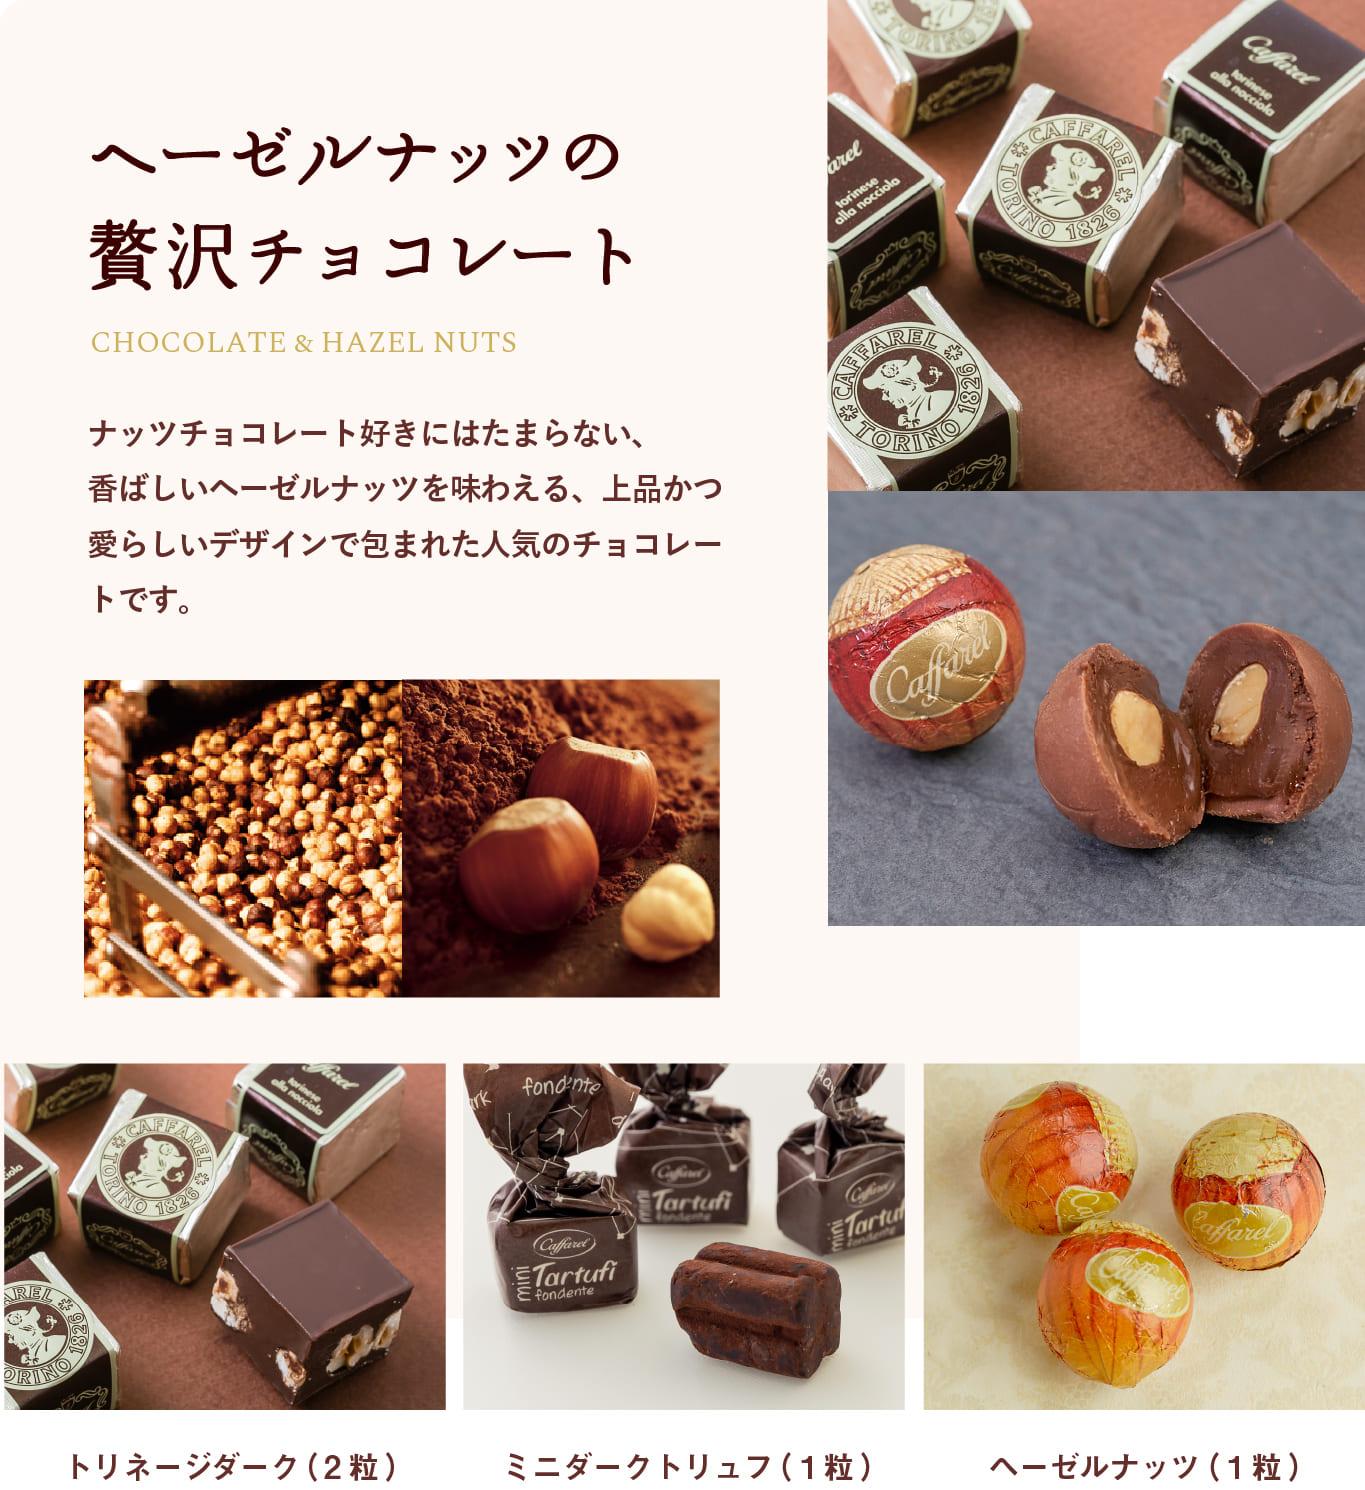 ヘーゼルナッツの贅沢チョコレート